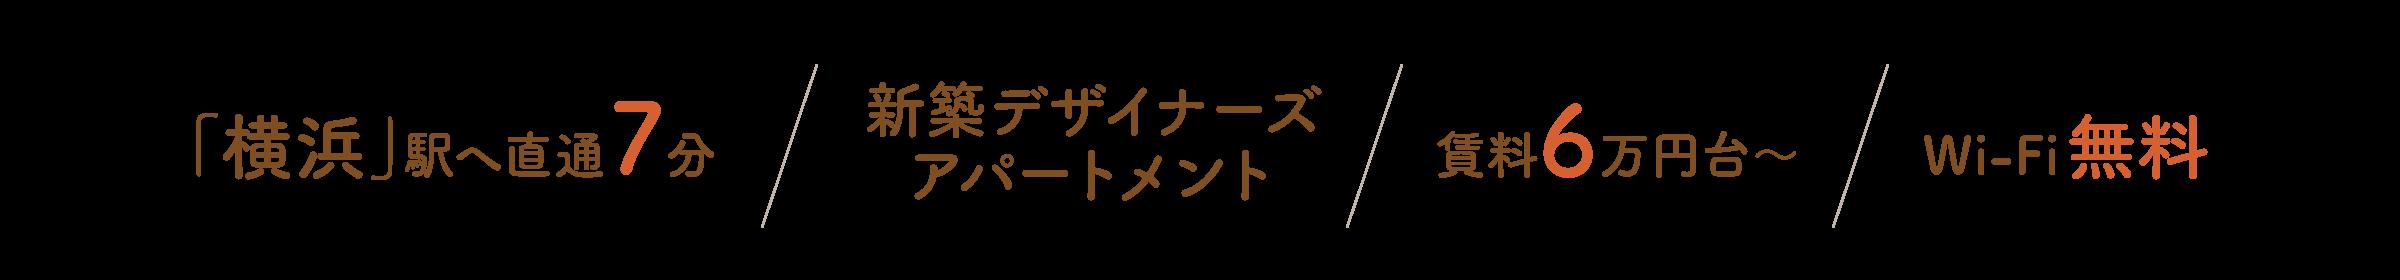 「横浜」駅へ直通7分 新築デザイナーズ アパートメント 賃料6万円台〜 Wi-Fi無料